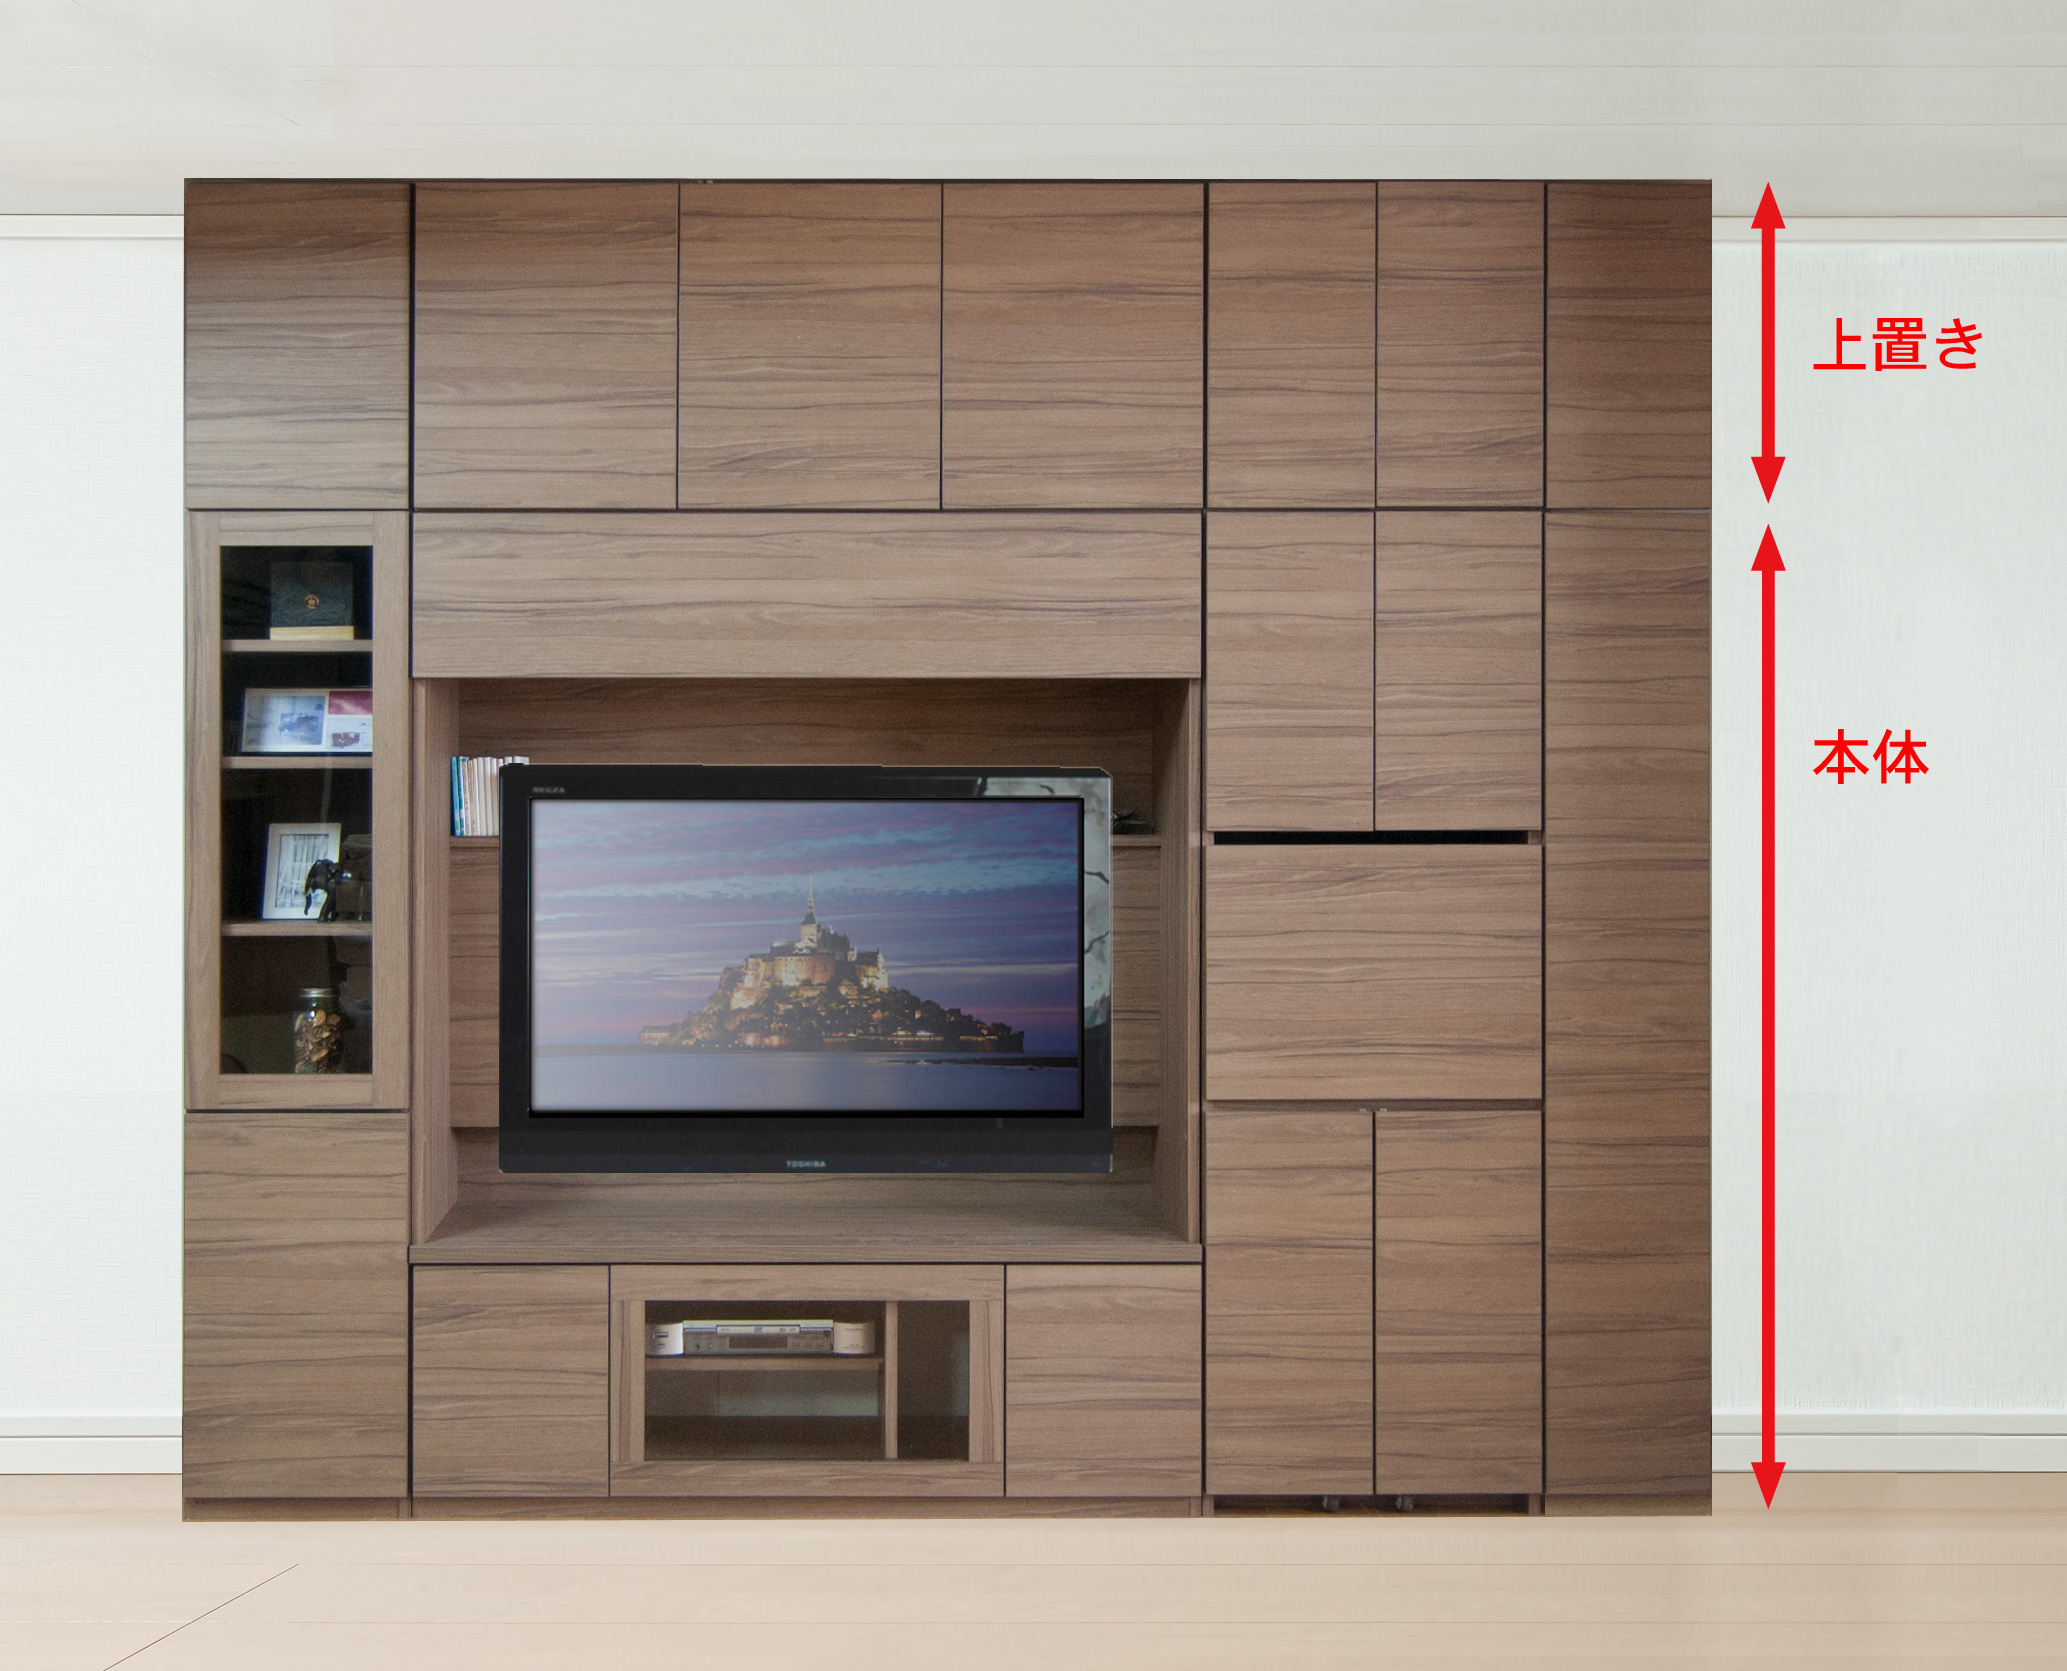 壁面収納は本体と上置きを組み合わせる自由自在な収納家具